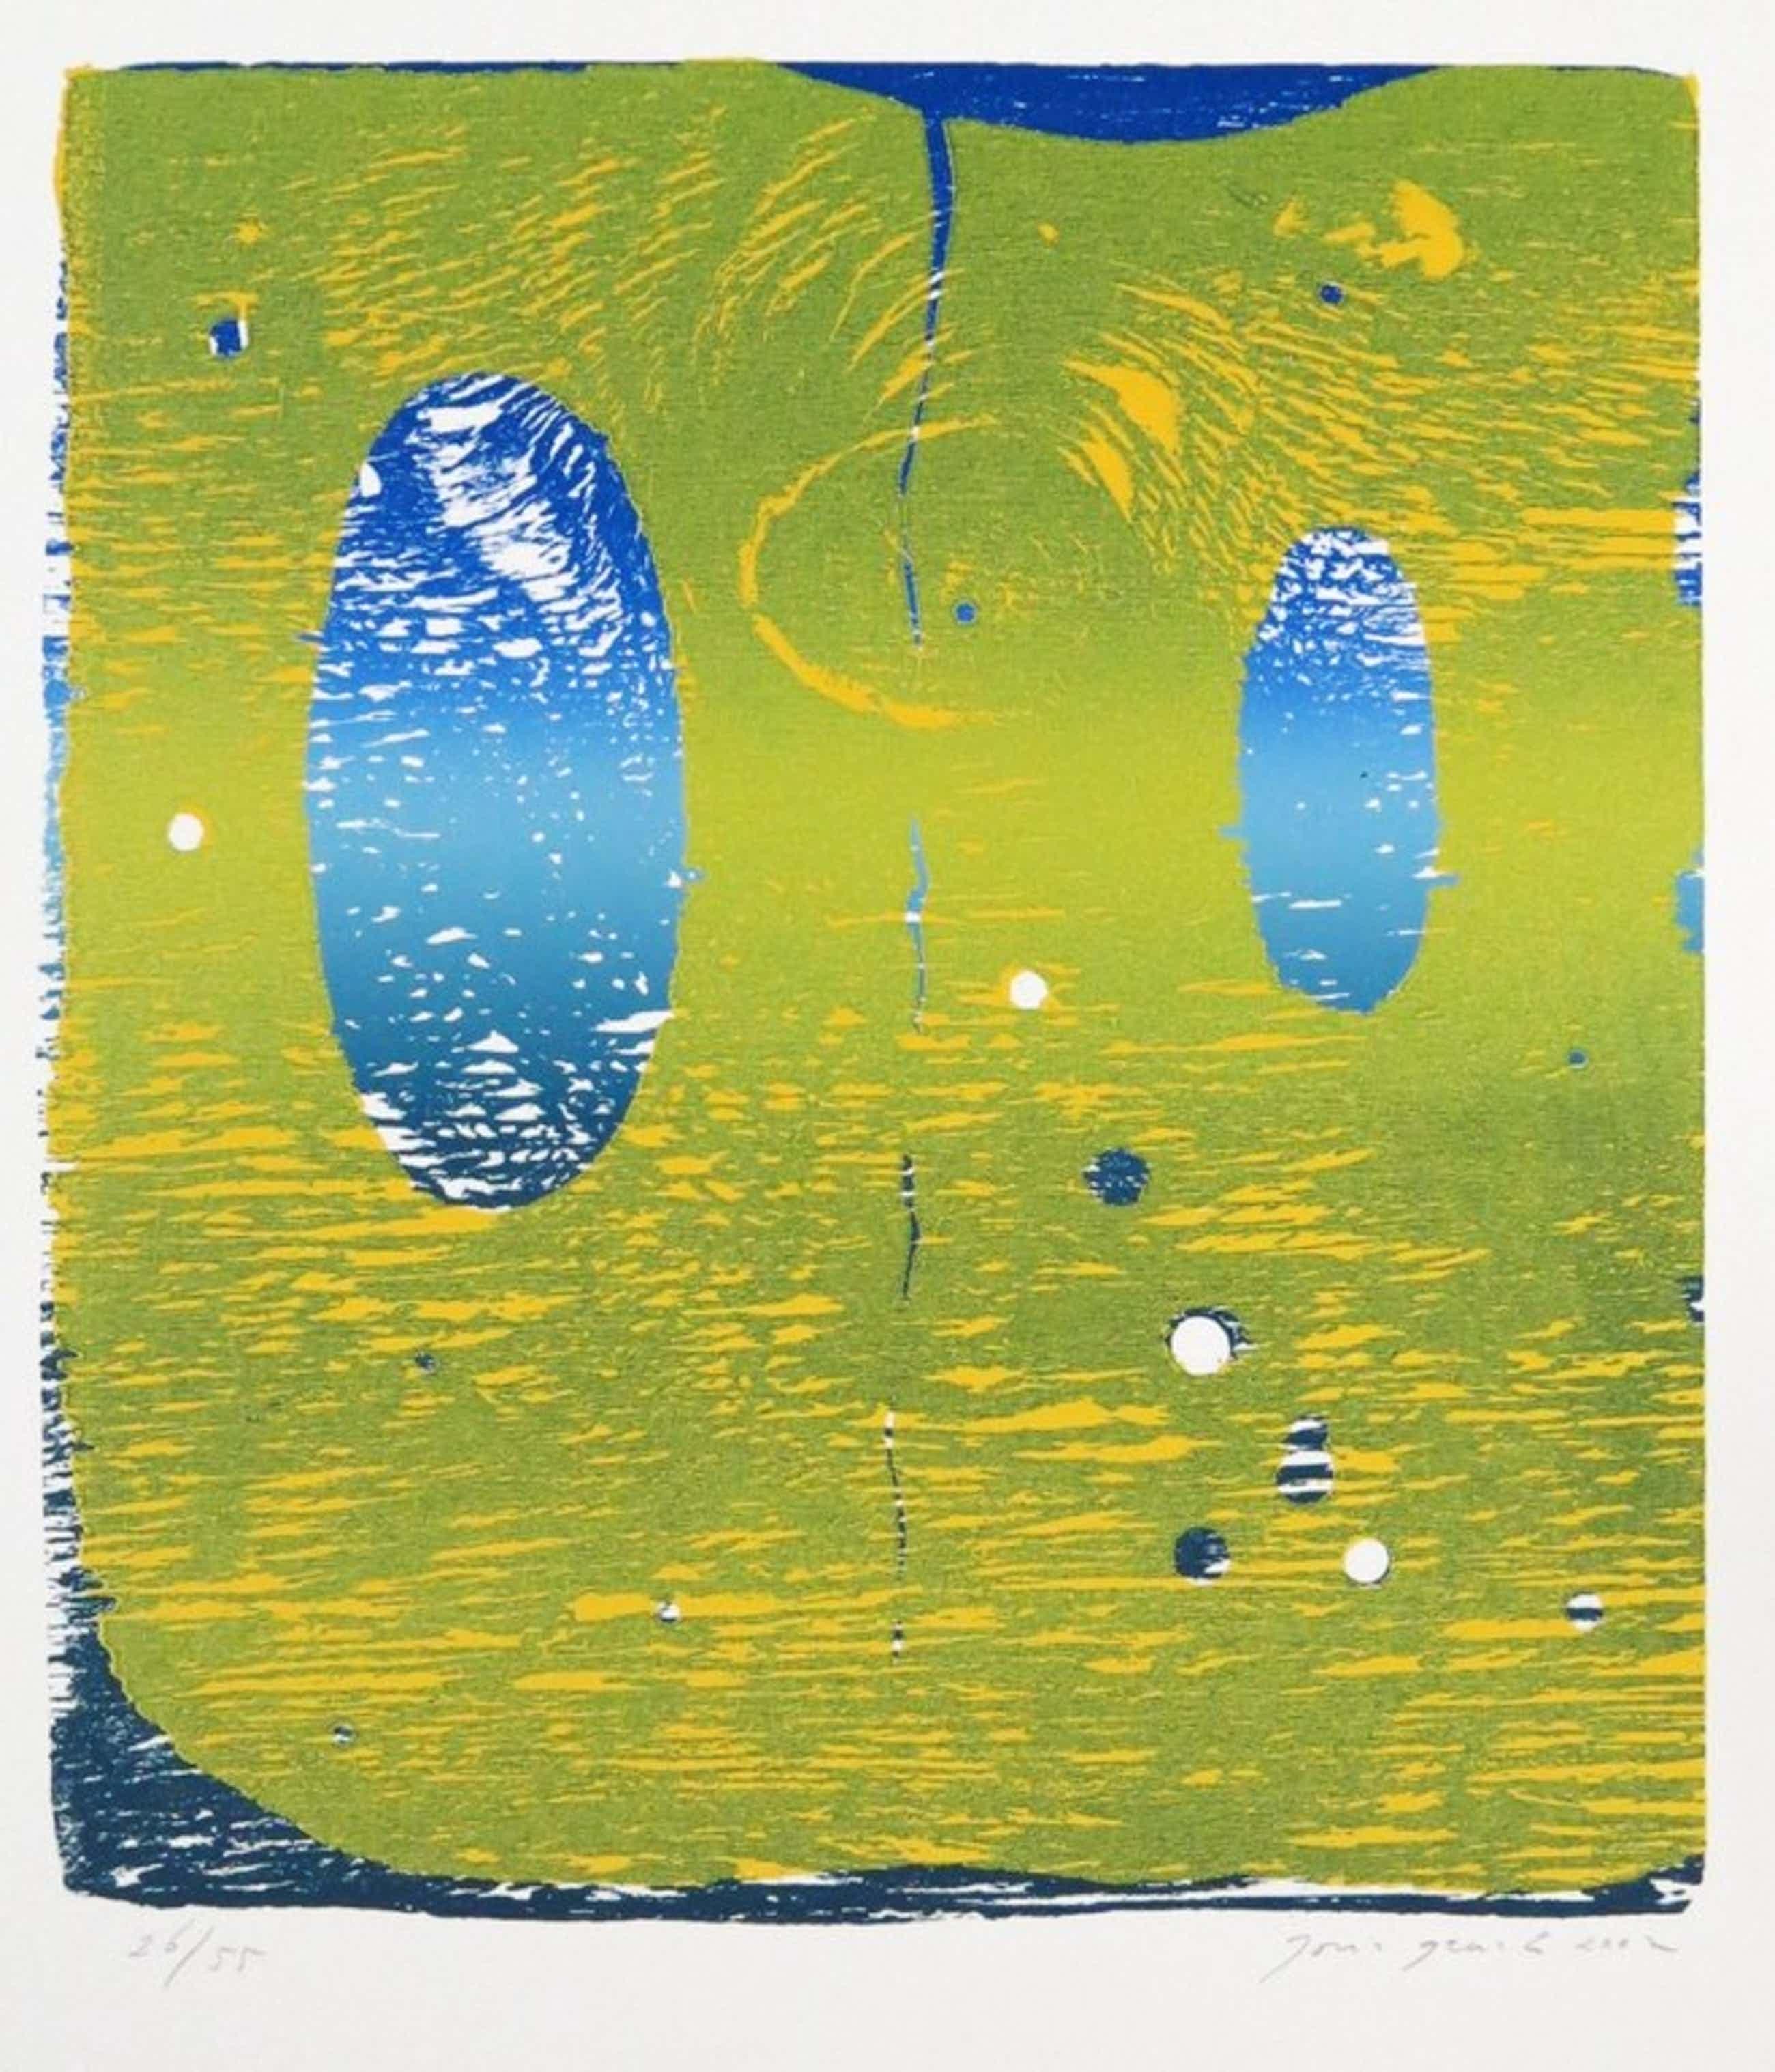 Joris Geurts: Houtsnede, Zonder titel (geel/blauw) kopen? Bied vanaf 38!